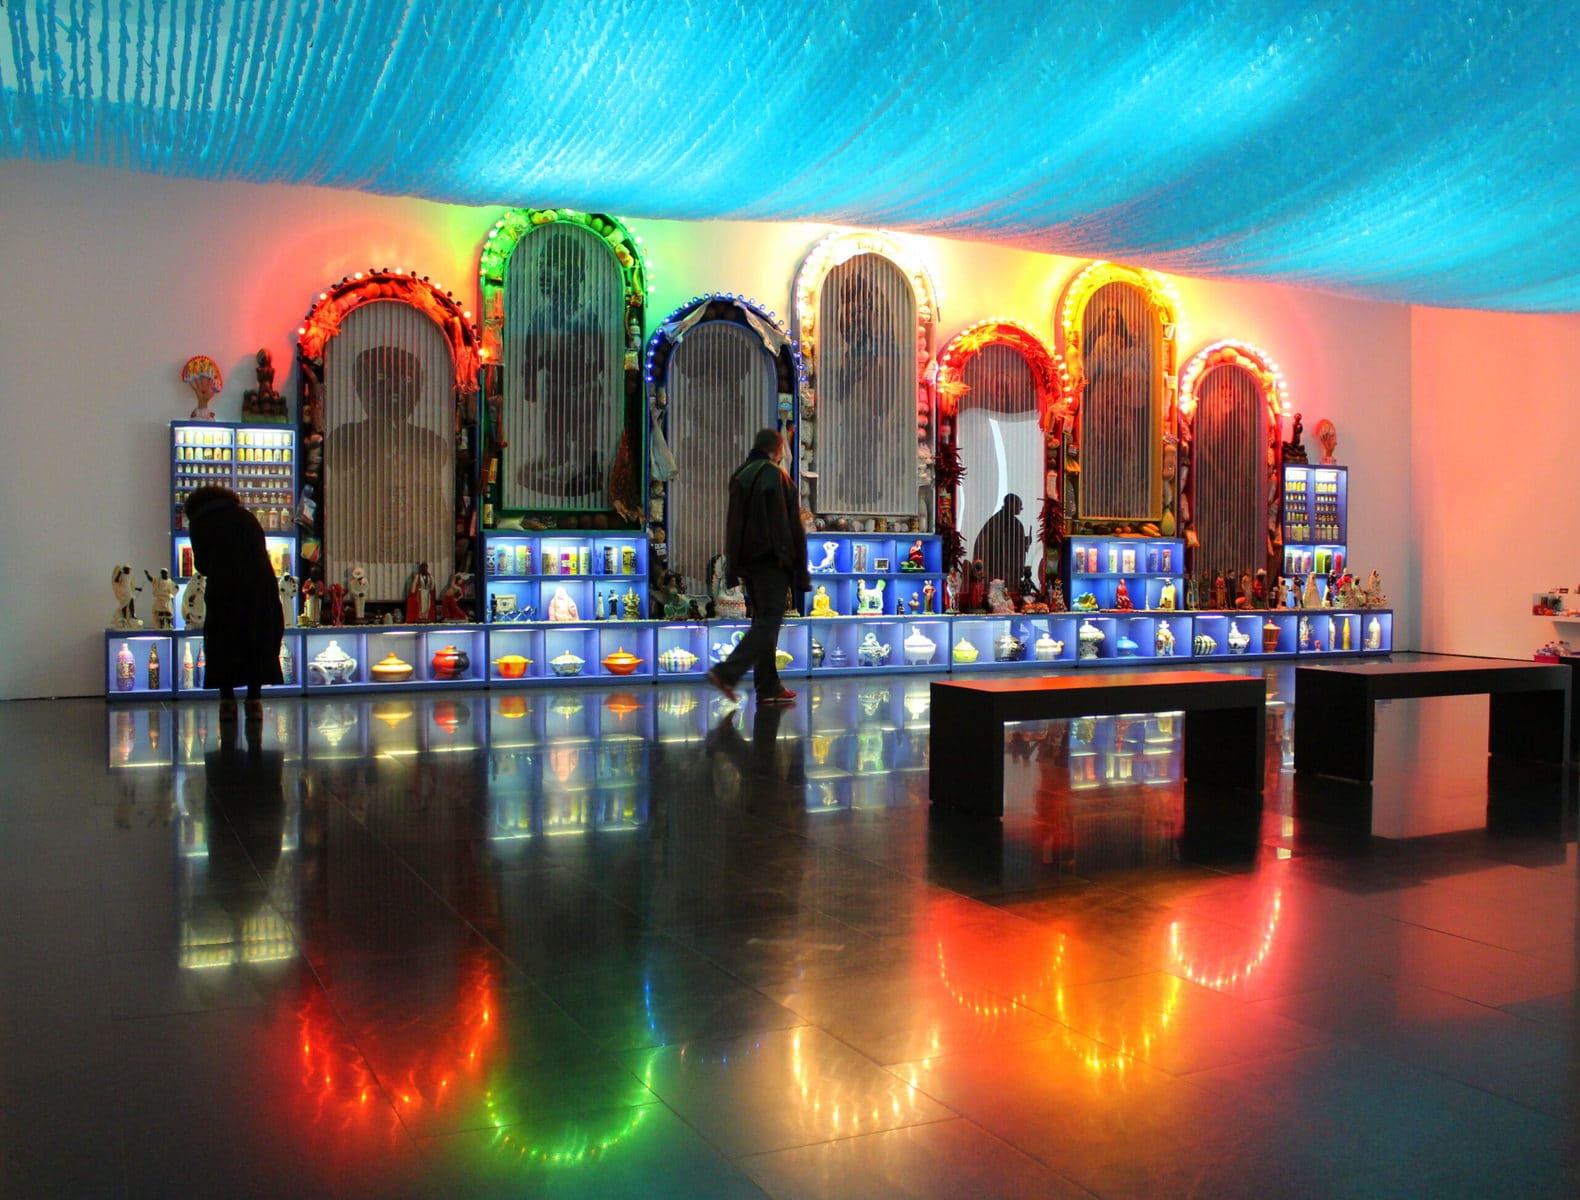 MACBA Barcelona, ehemalige Ausstellung: Miralda (Heiliges Essen)